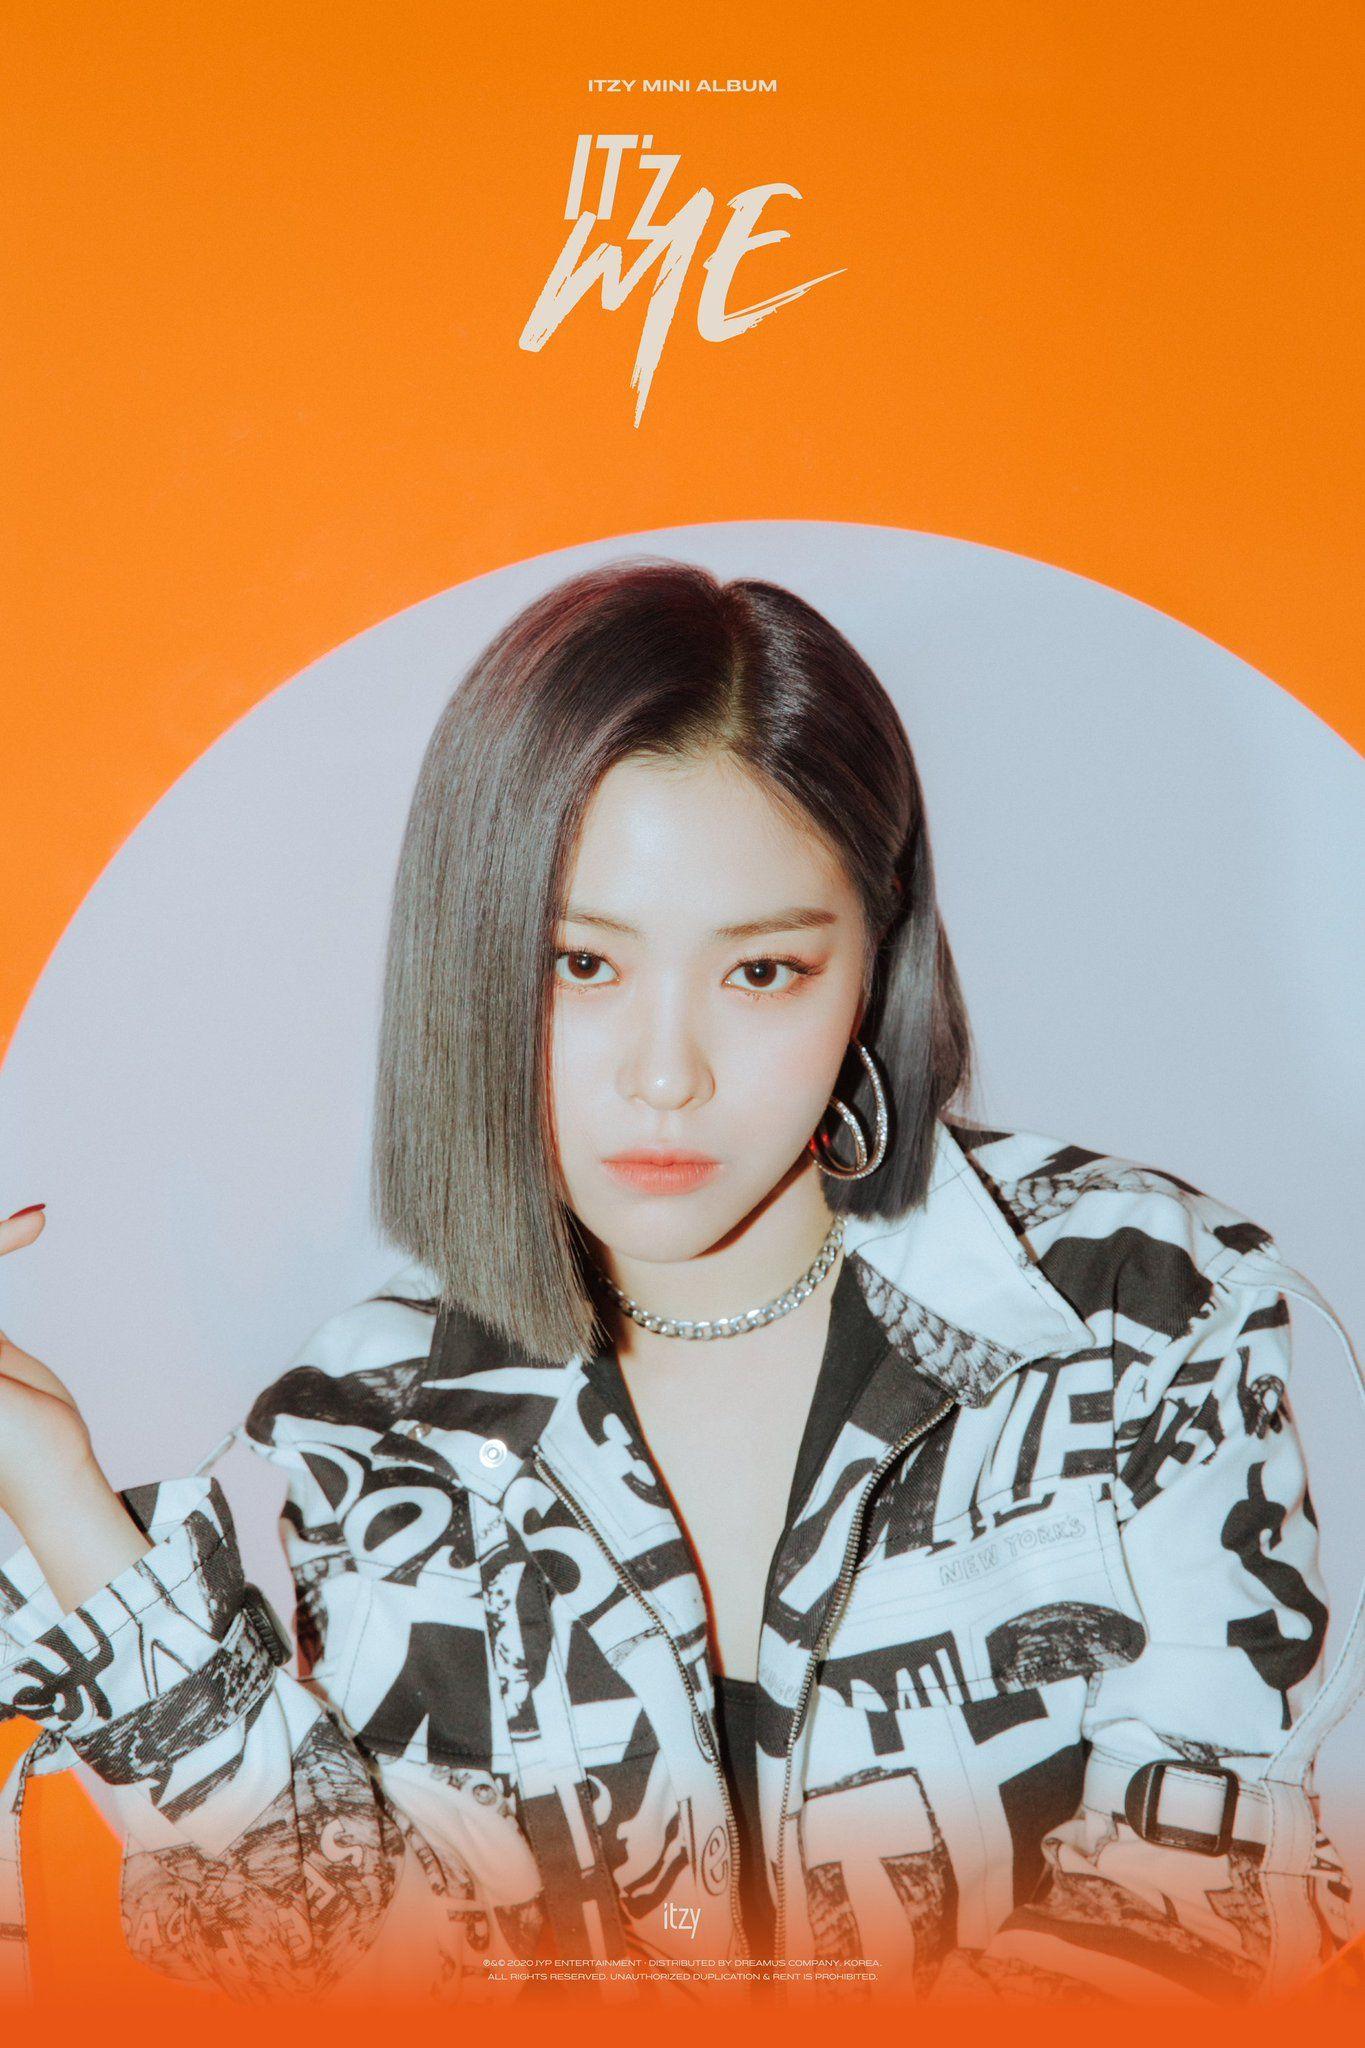 Itzy On Twitter In 2020 Itzy Mini Albums Kpop Girls